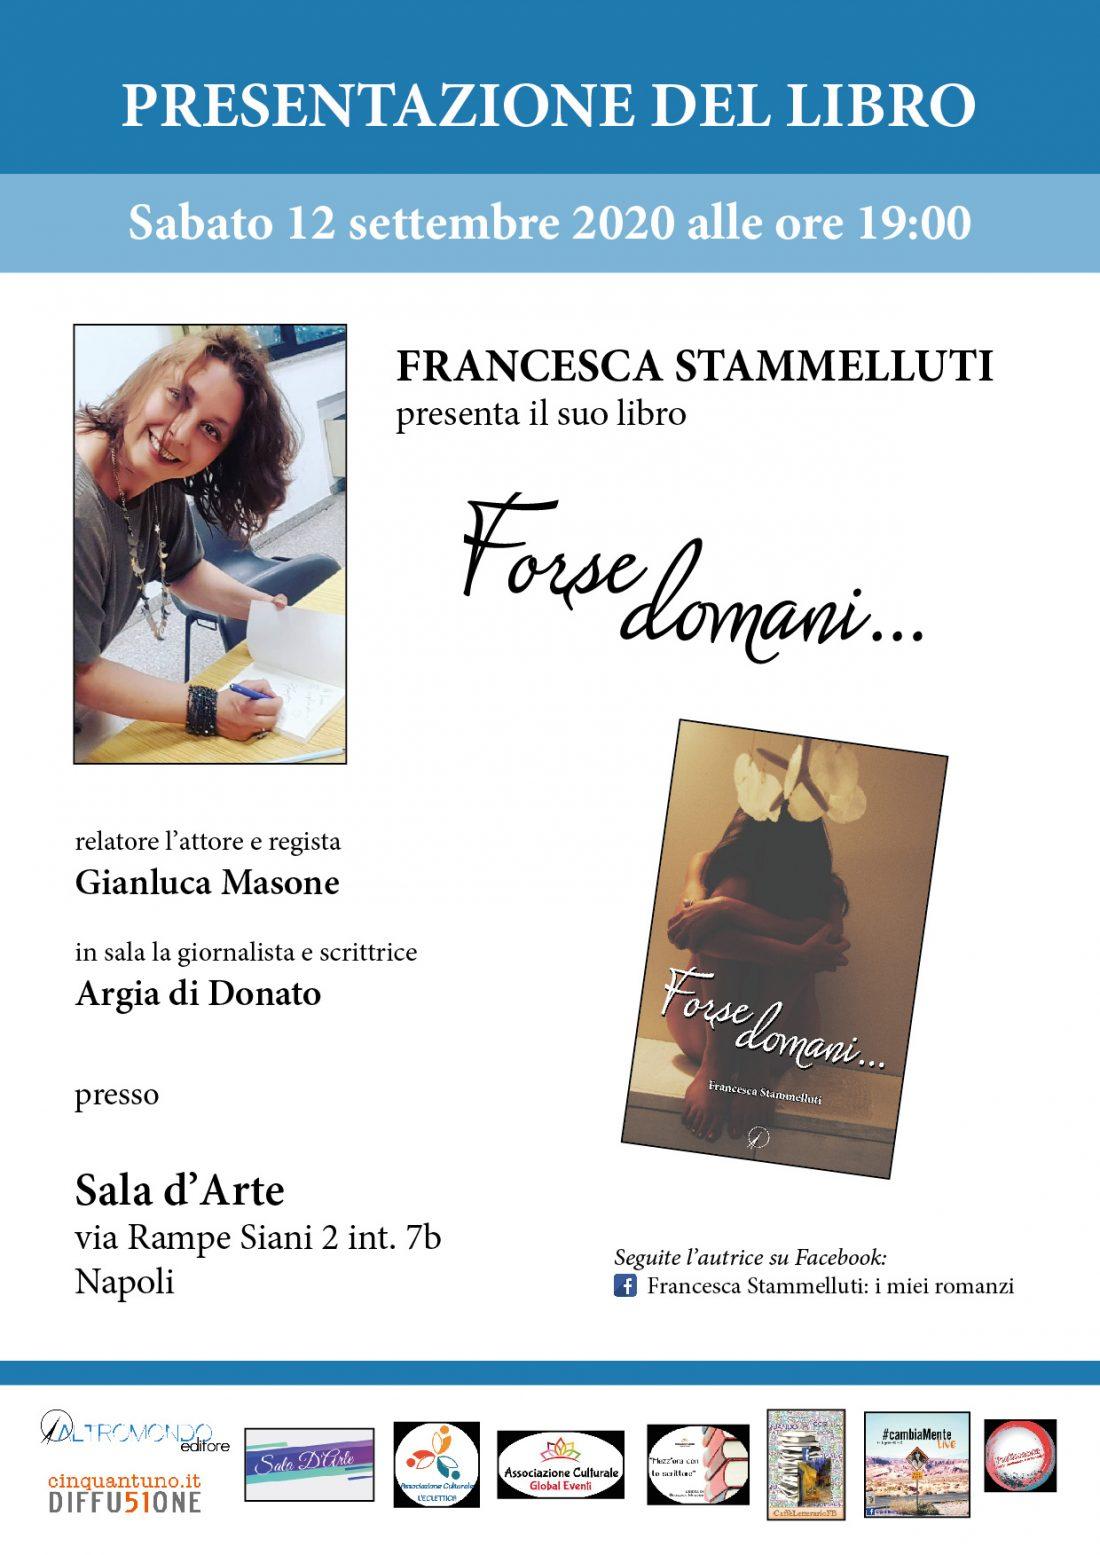 """Presentazione del libro: """"Forse domani…"""" di Francesca Stammelluti"""